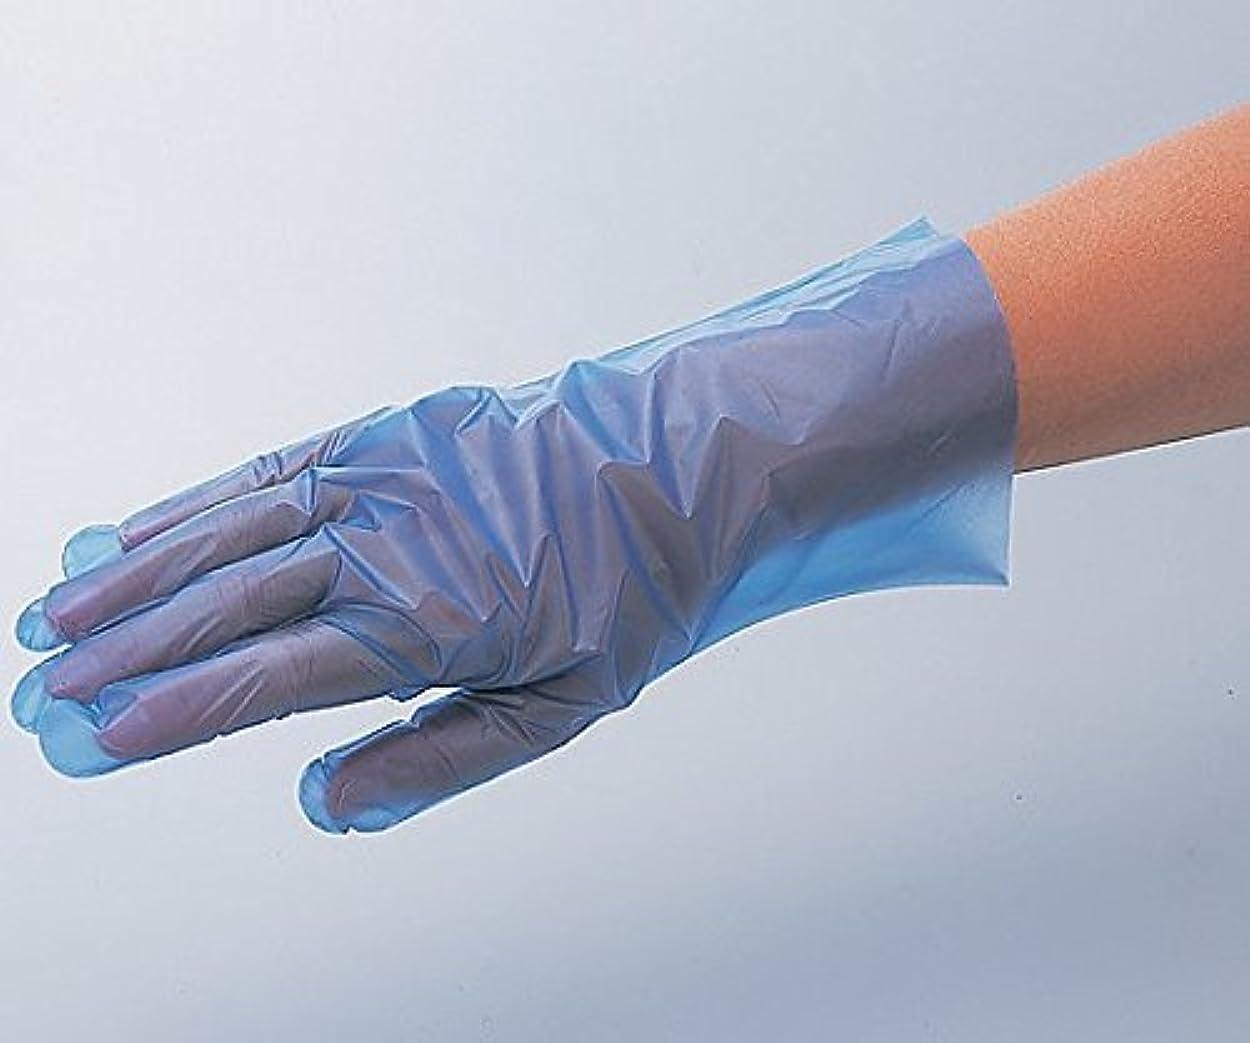 同時インストラクター出来事アズワン6-9730-06サニーノール手袋エコロジーブルーショートS200枚入